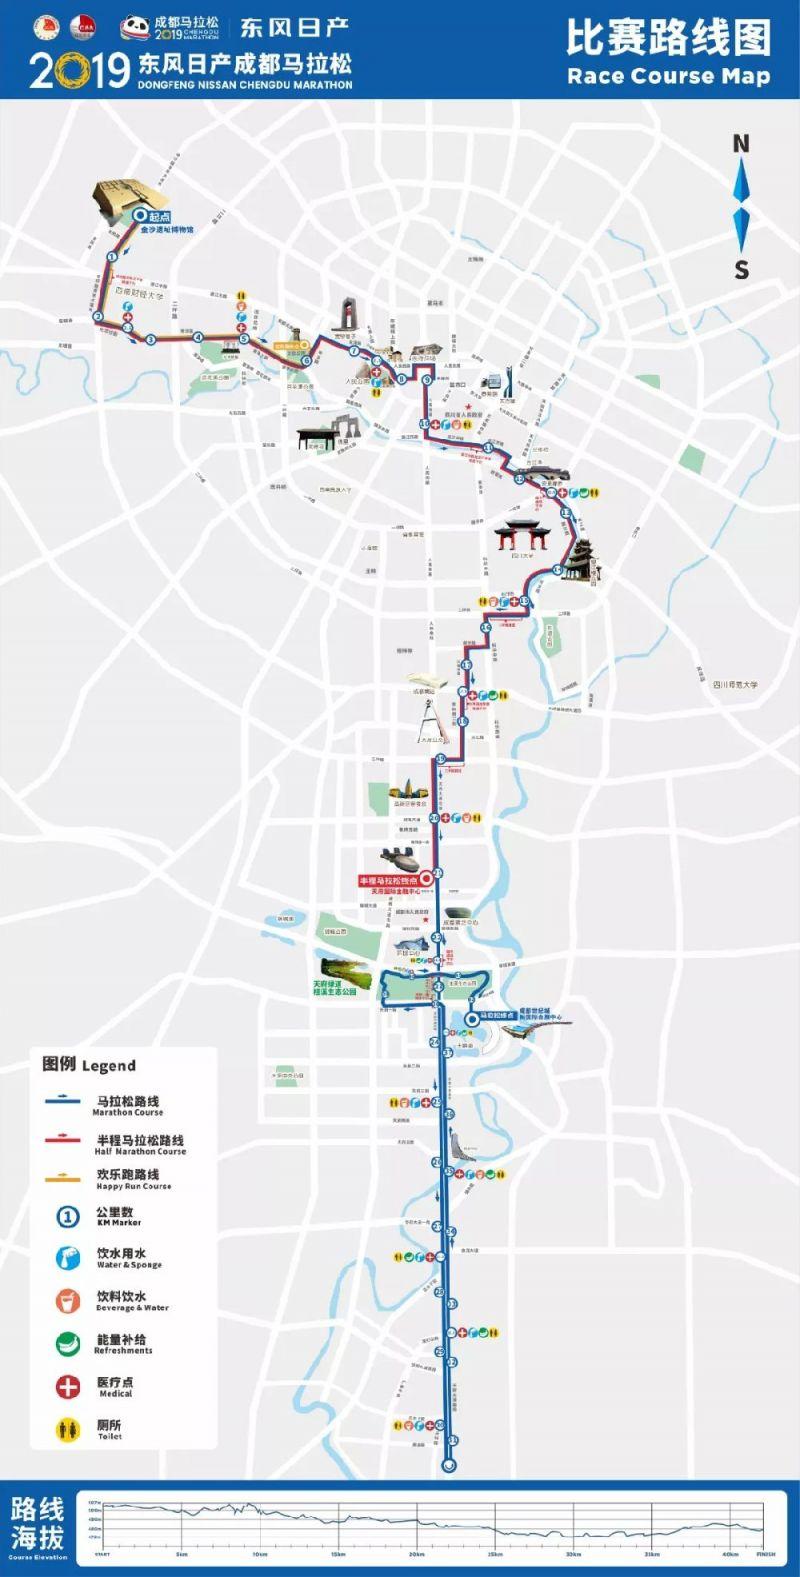 2019成都国际马拉松比赛路线与去年相比有什么变化?